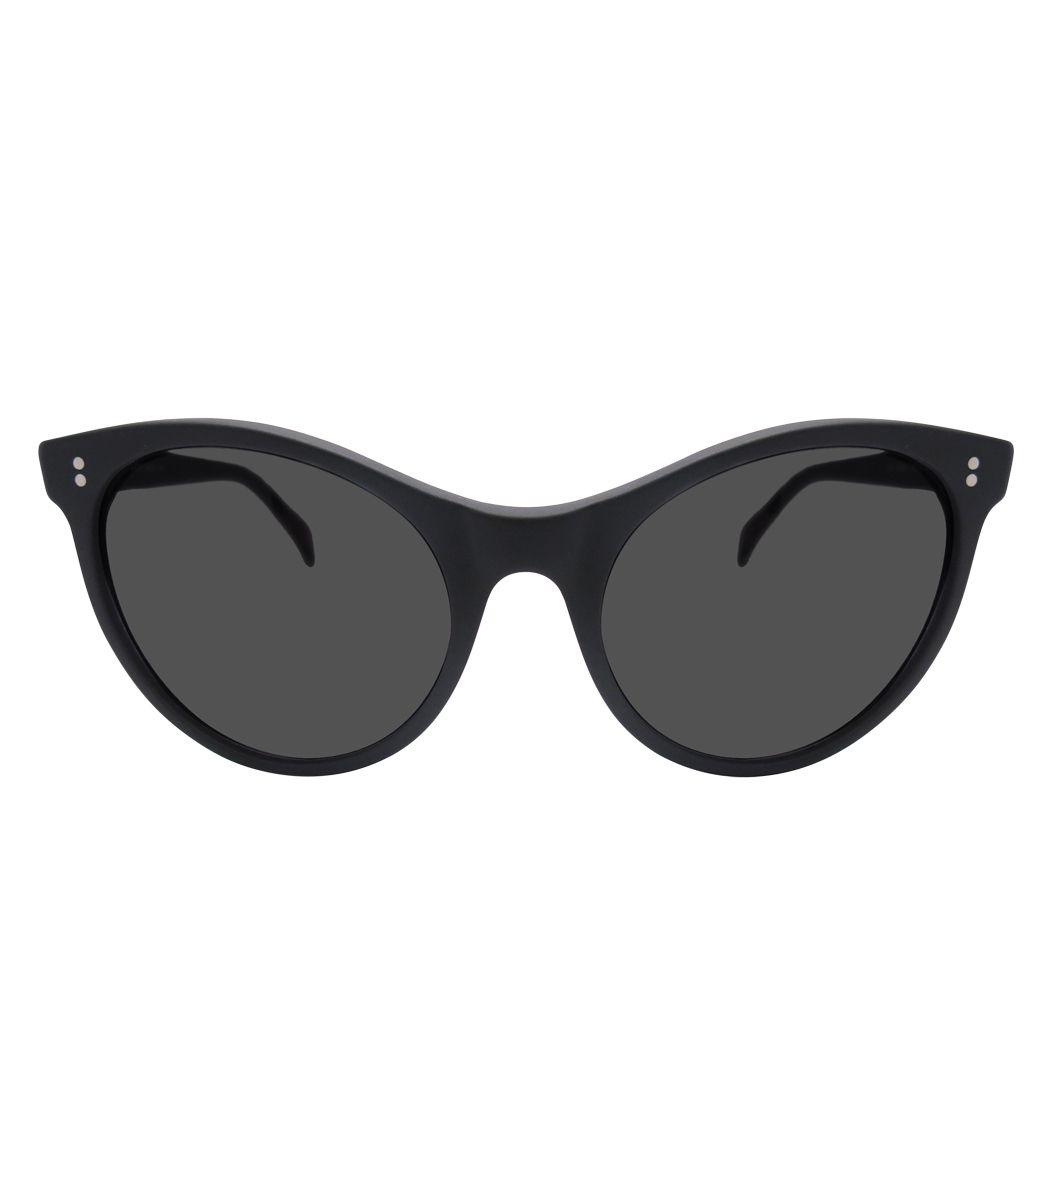 52697ef011 Illesteva Claire Matte Black Sunglasses | Sunglasses | Óculos